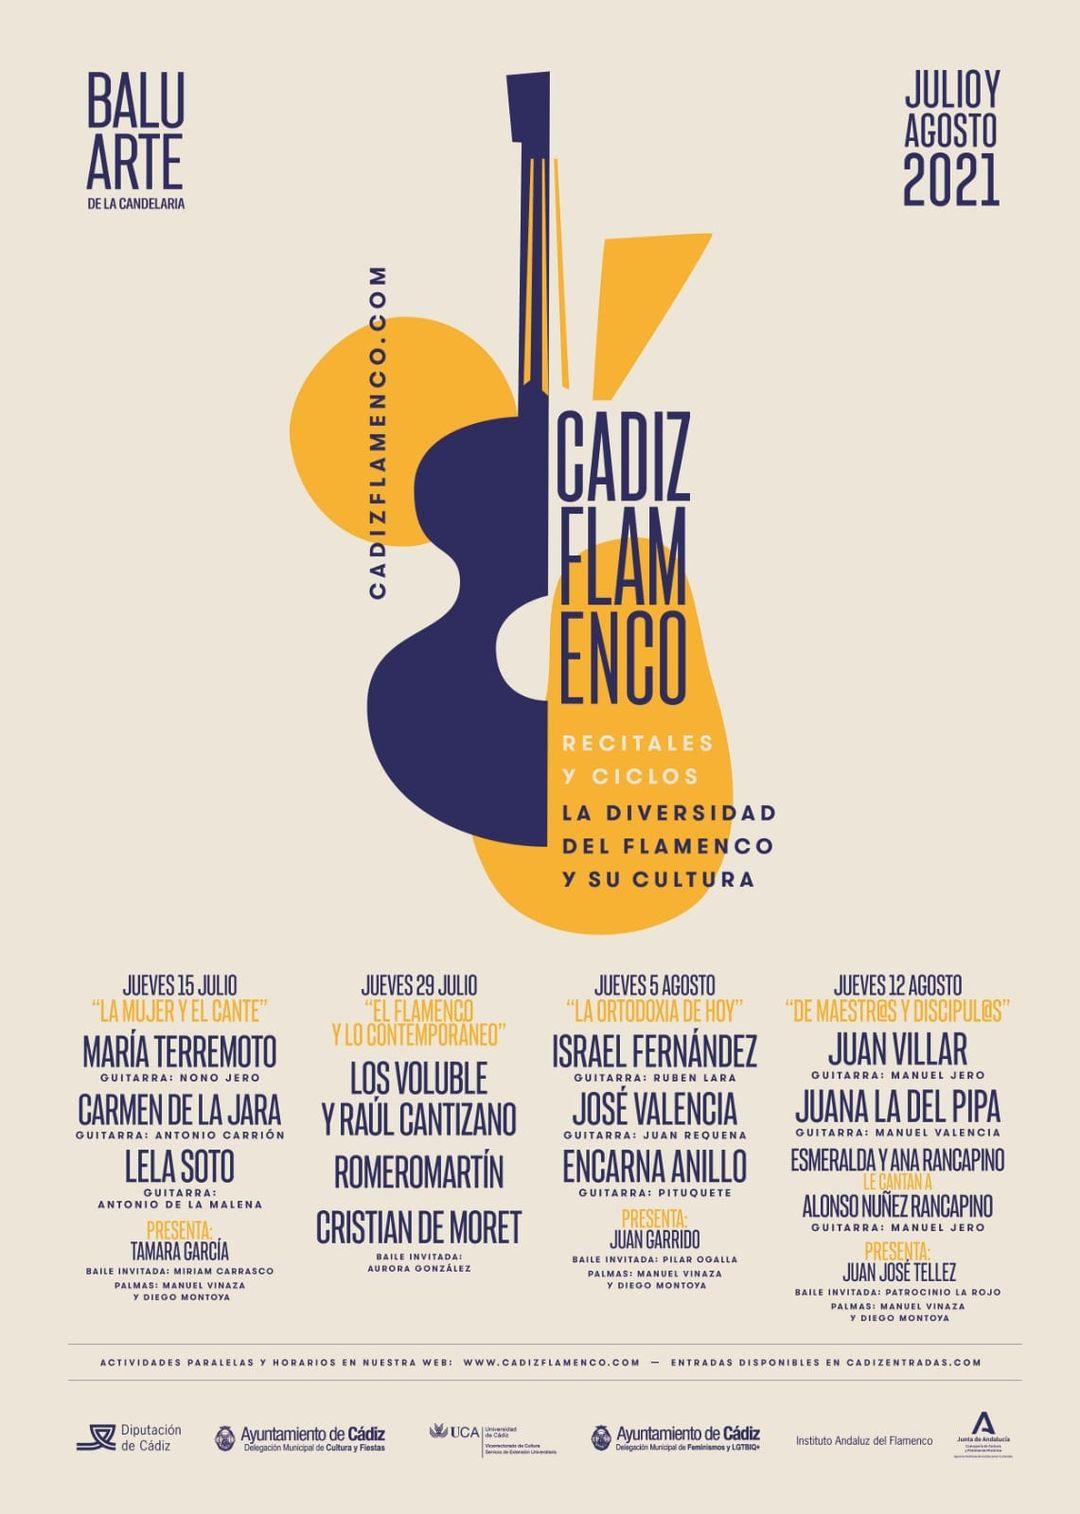 Plakat Cádiz neu flamenco